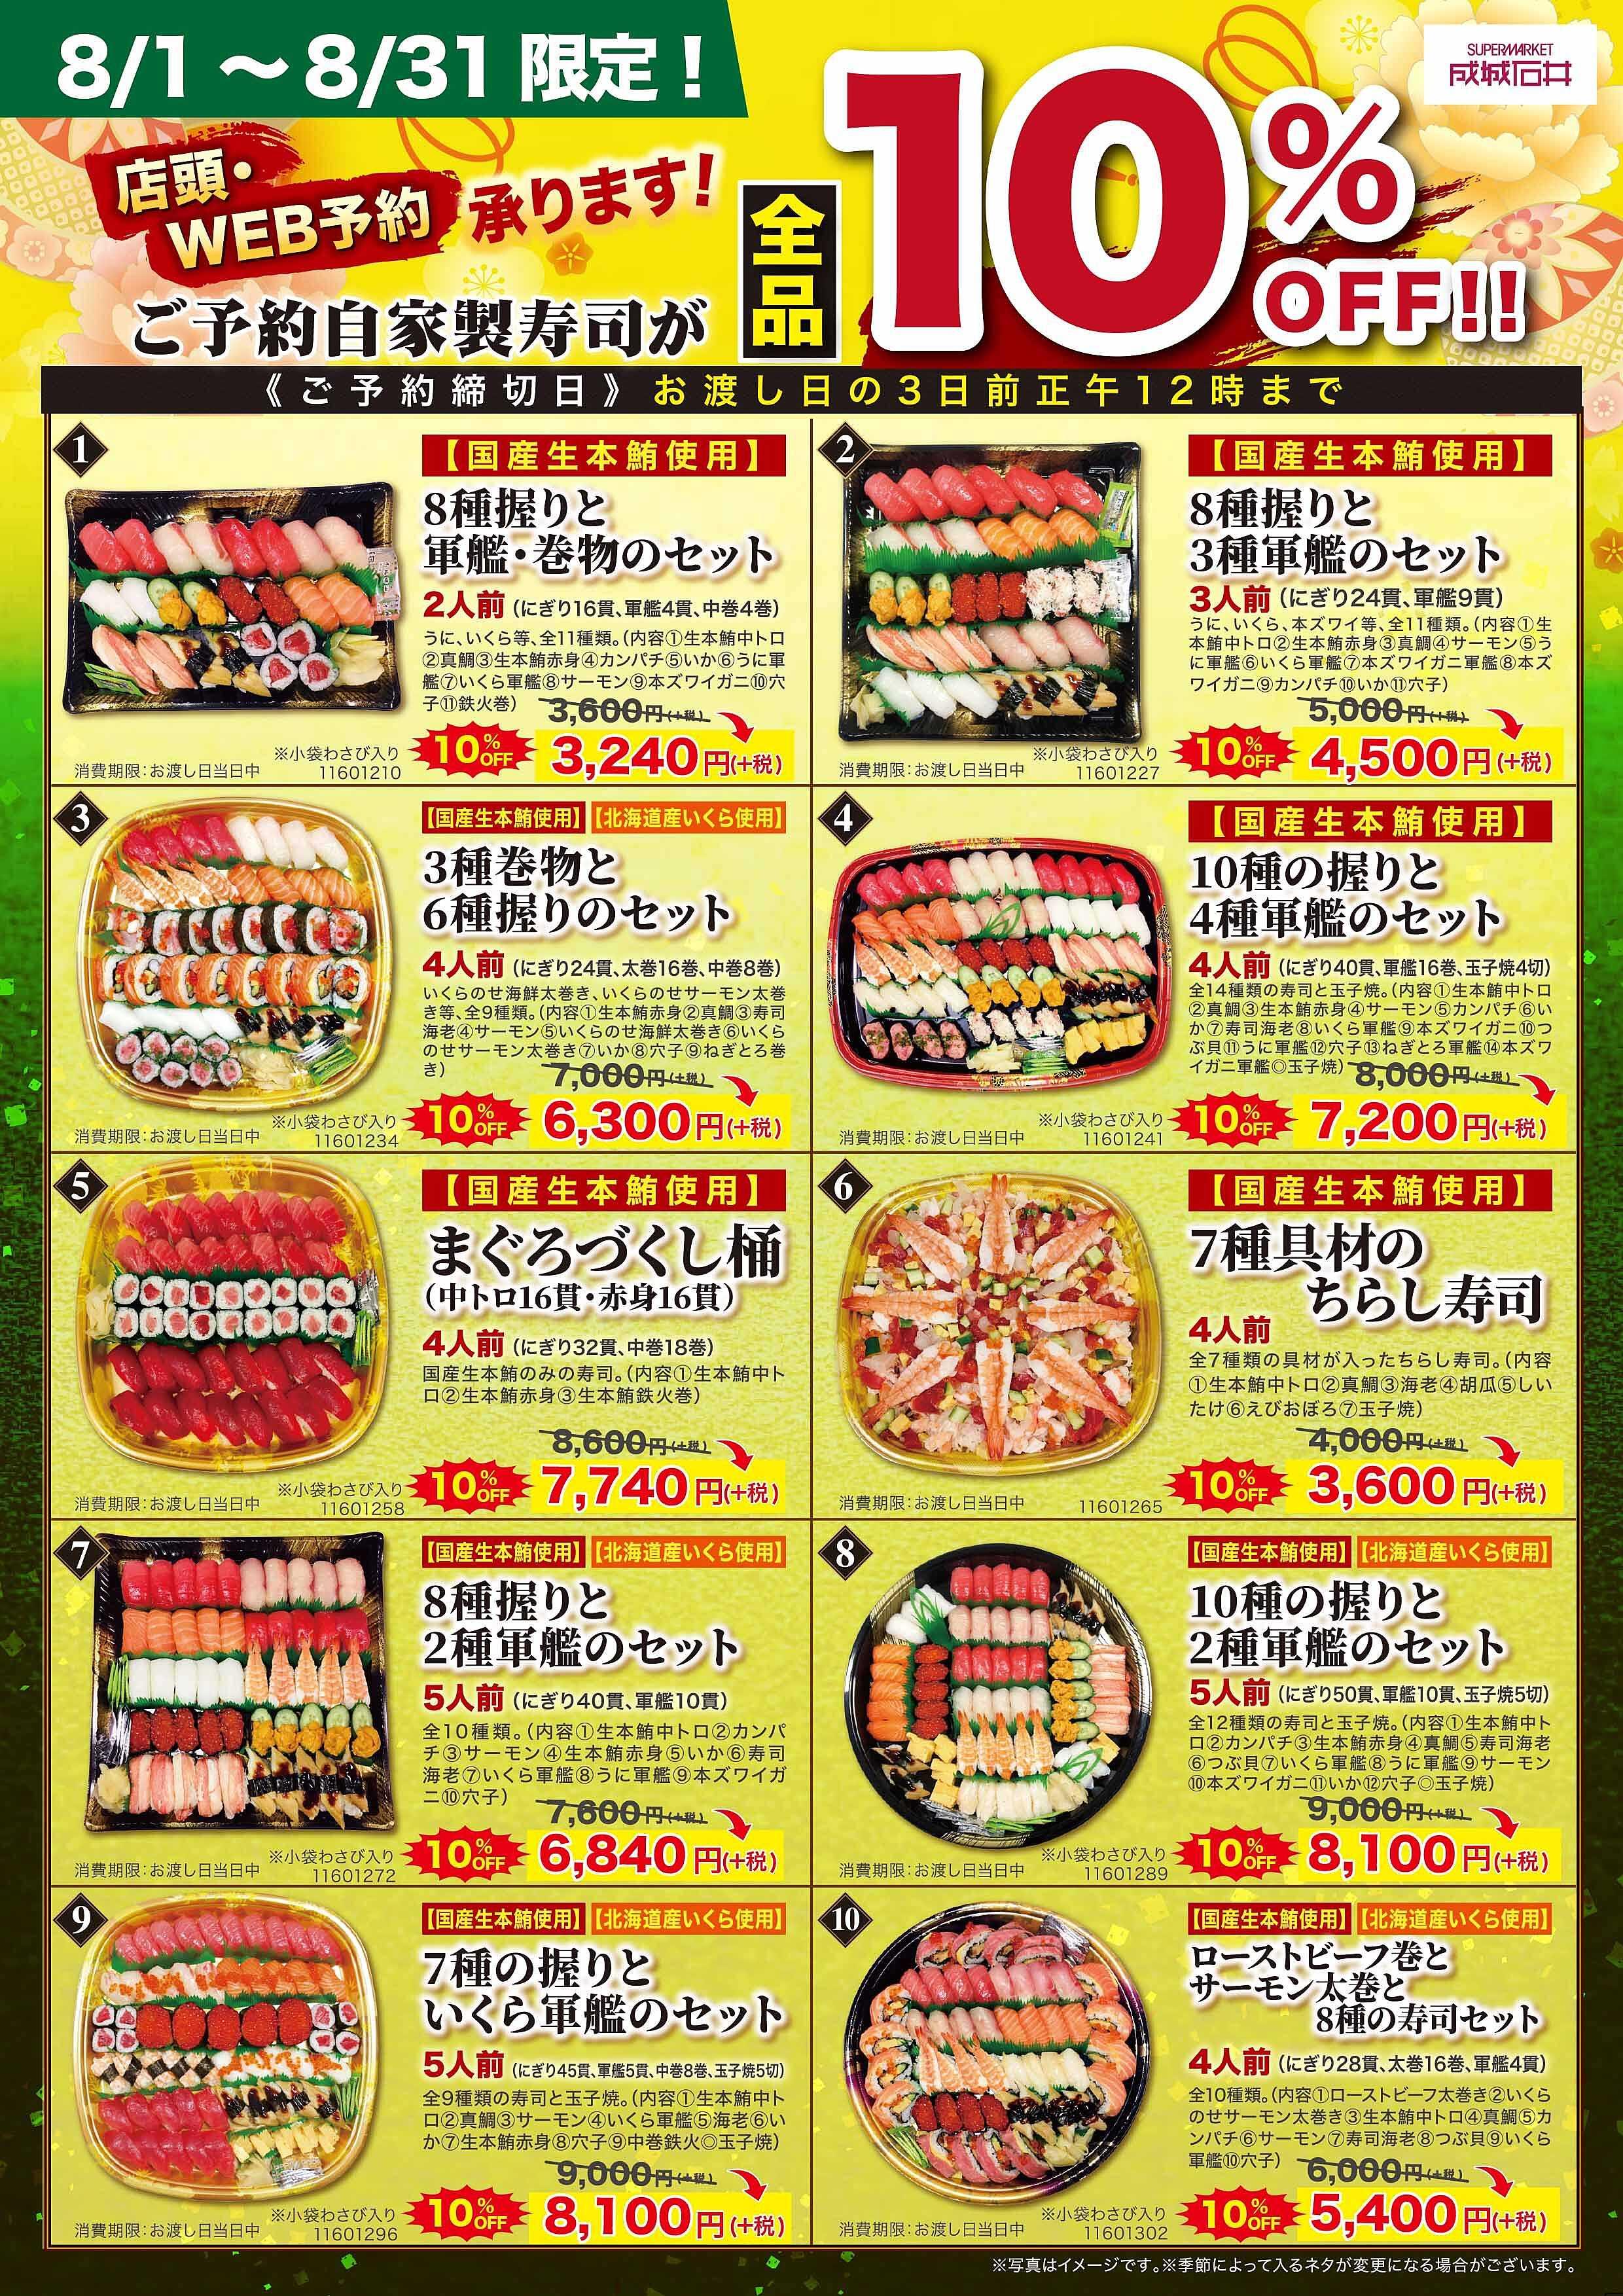 成城石井 【店舗限定】自家製お寿司10%OFF!!